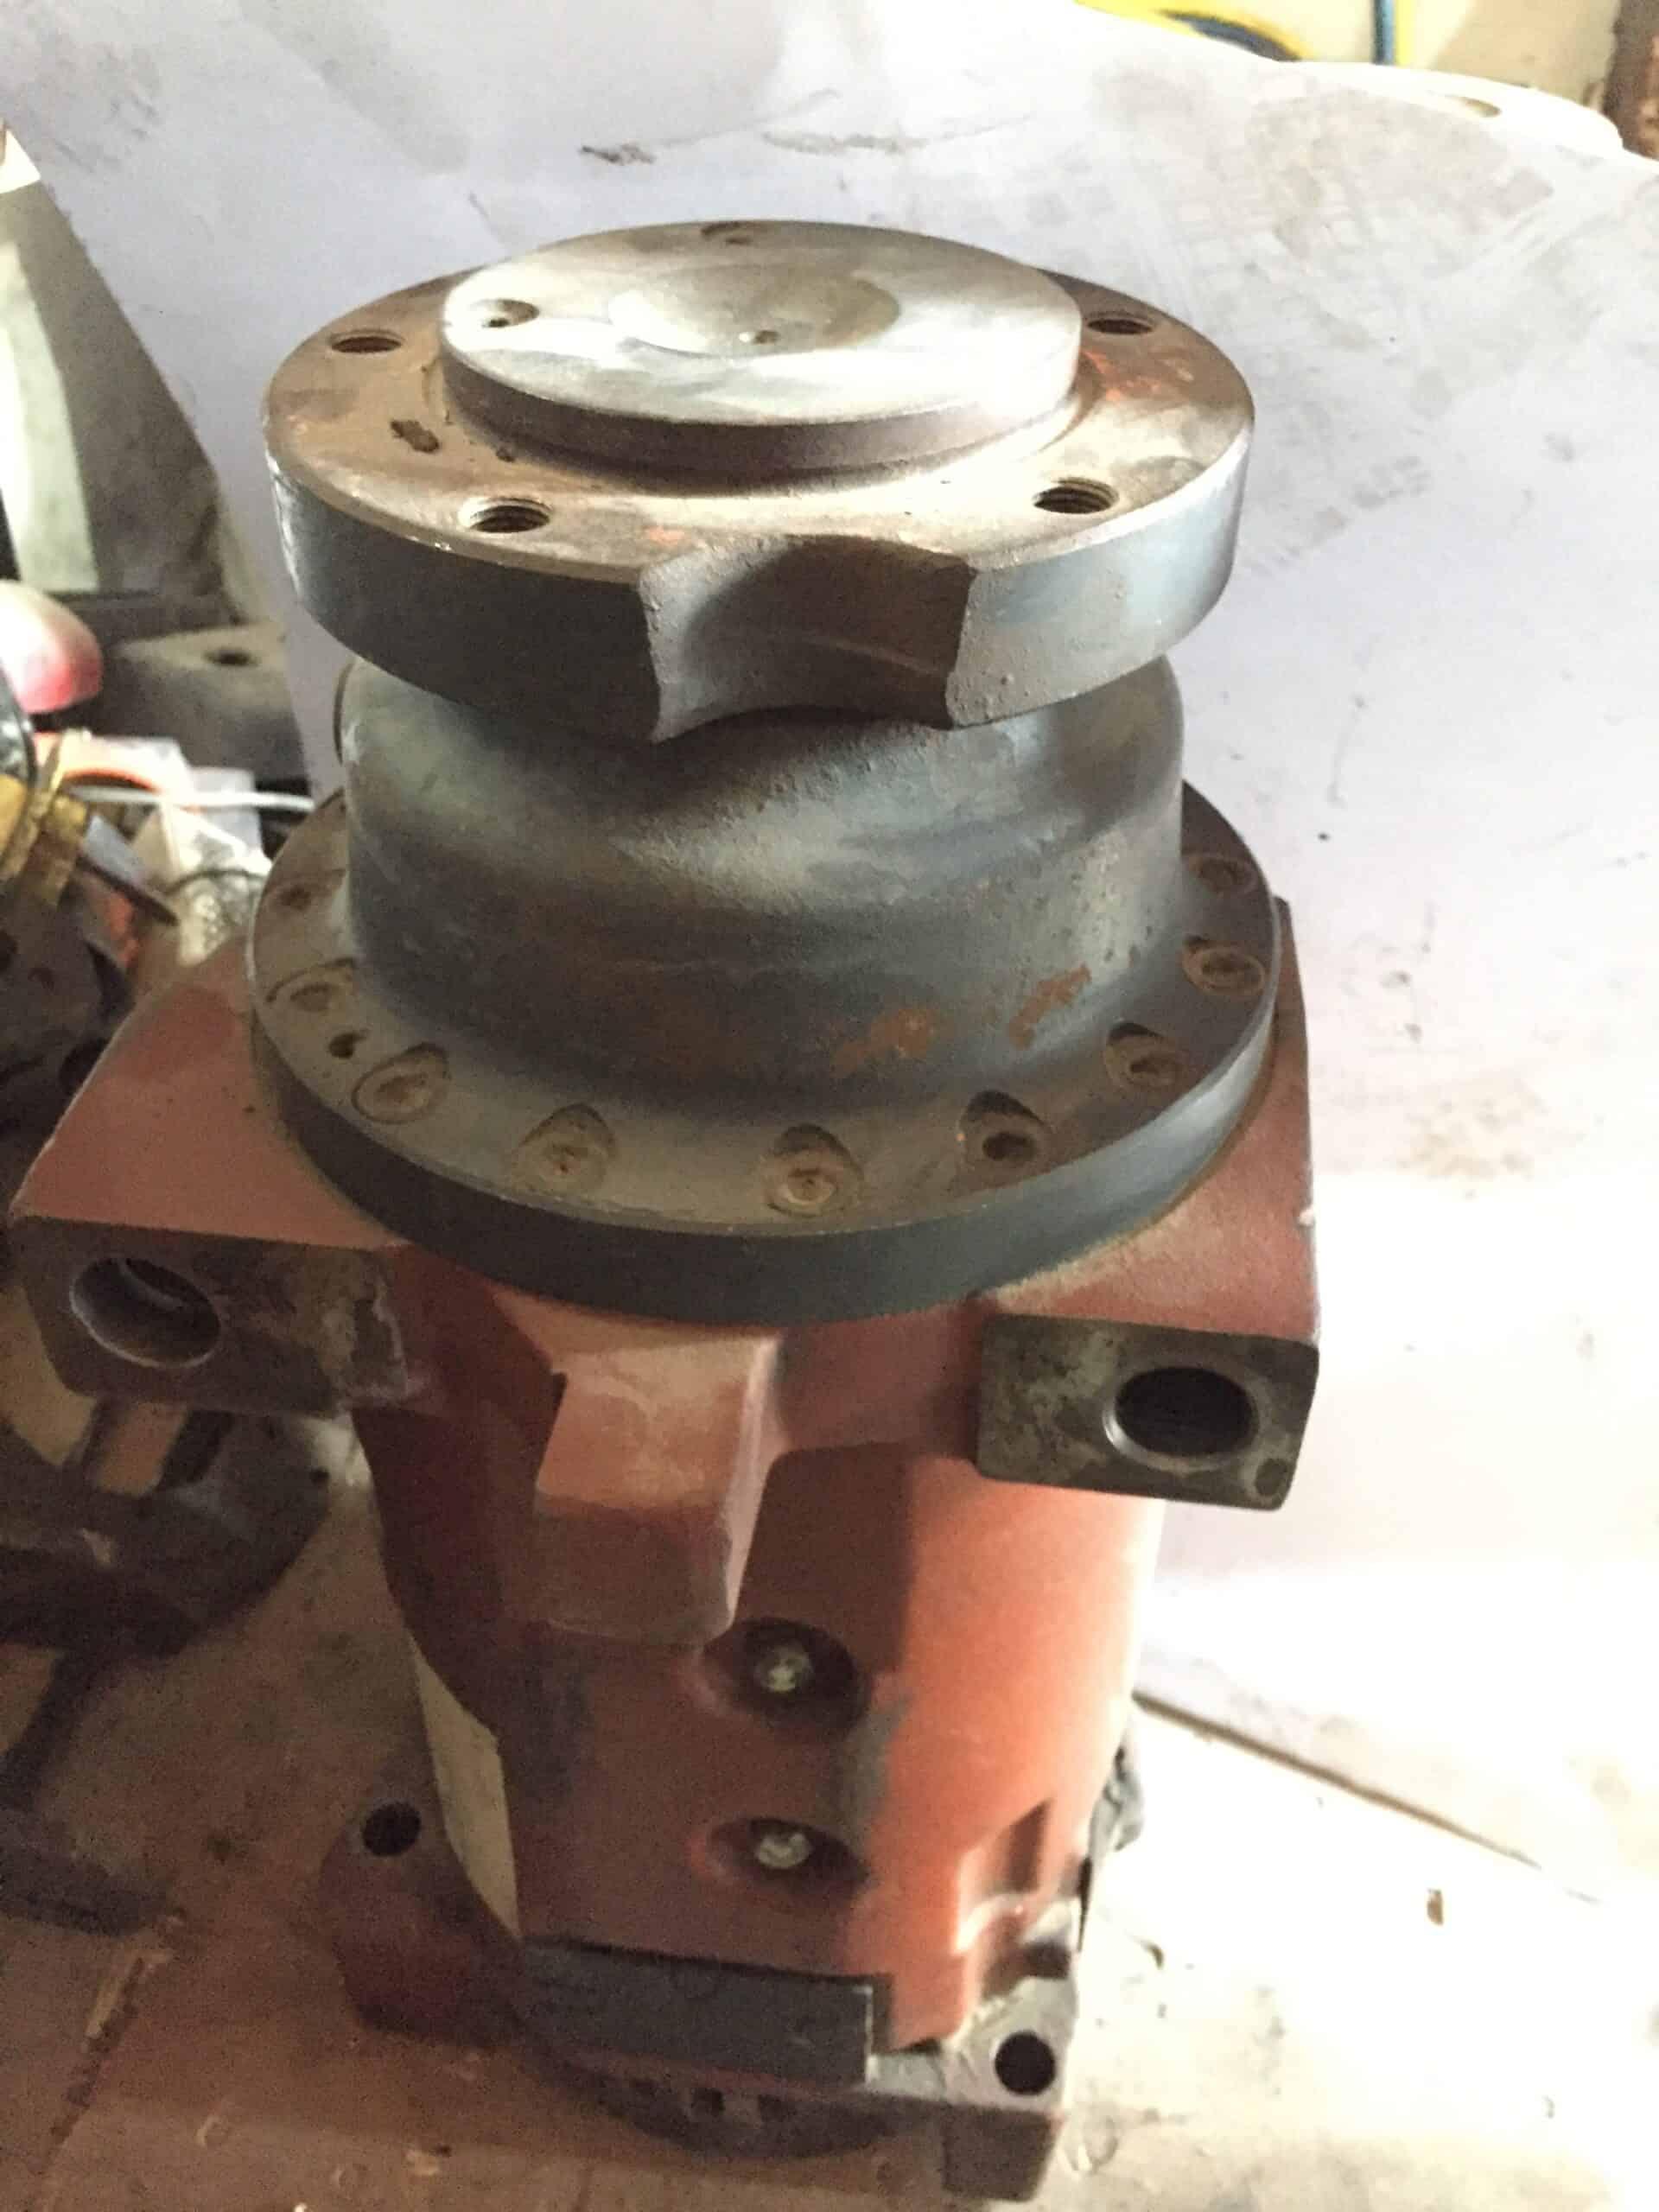 | Traction motor Assy. Left | Fazl-e-Rasheed and Company October 2021